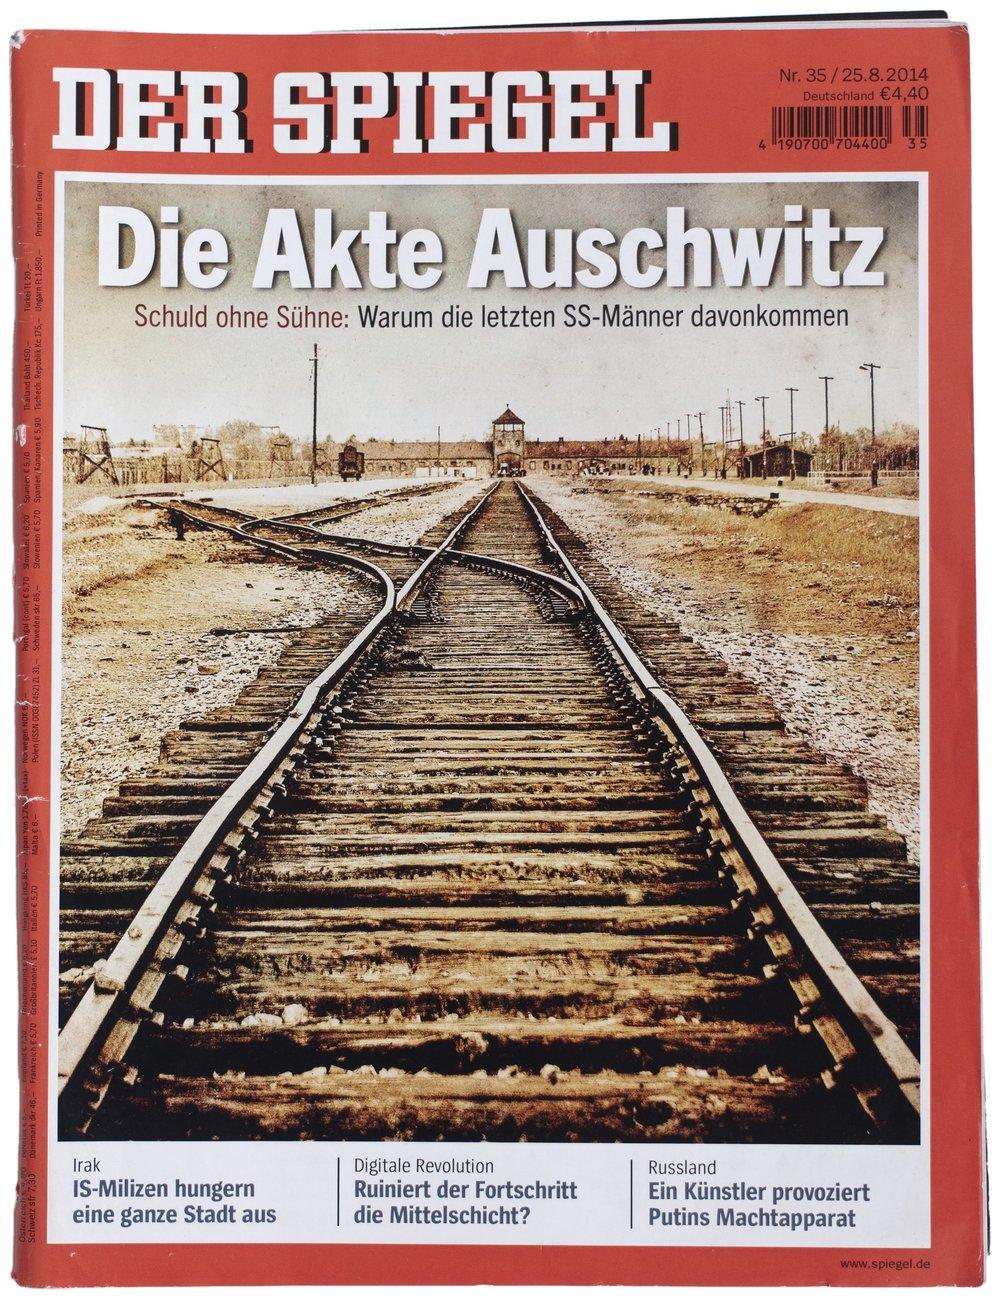 Der Spiegel, #35, 25. August 2014